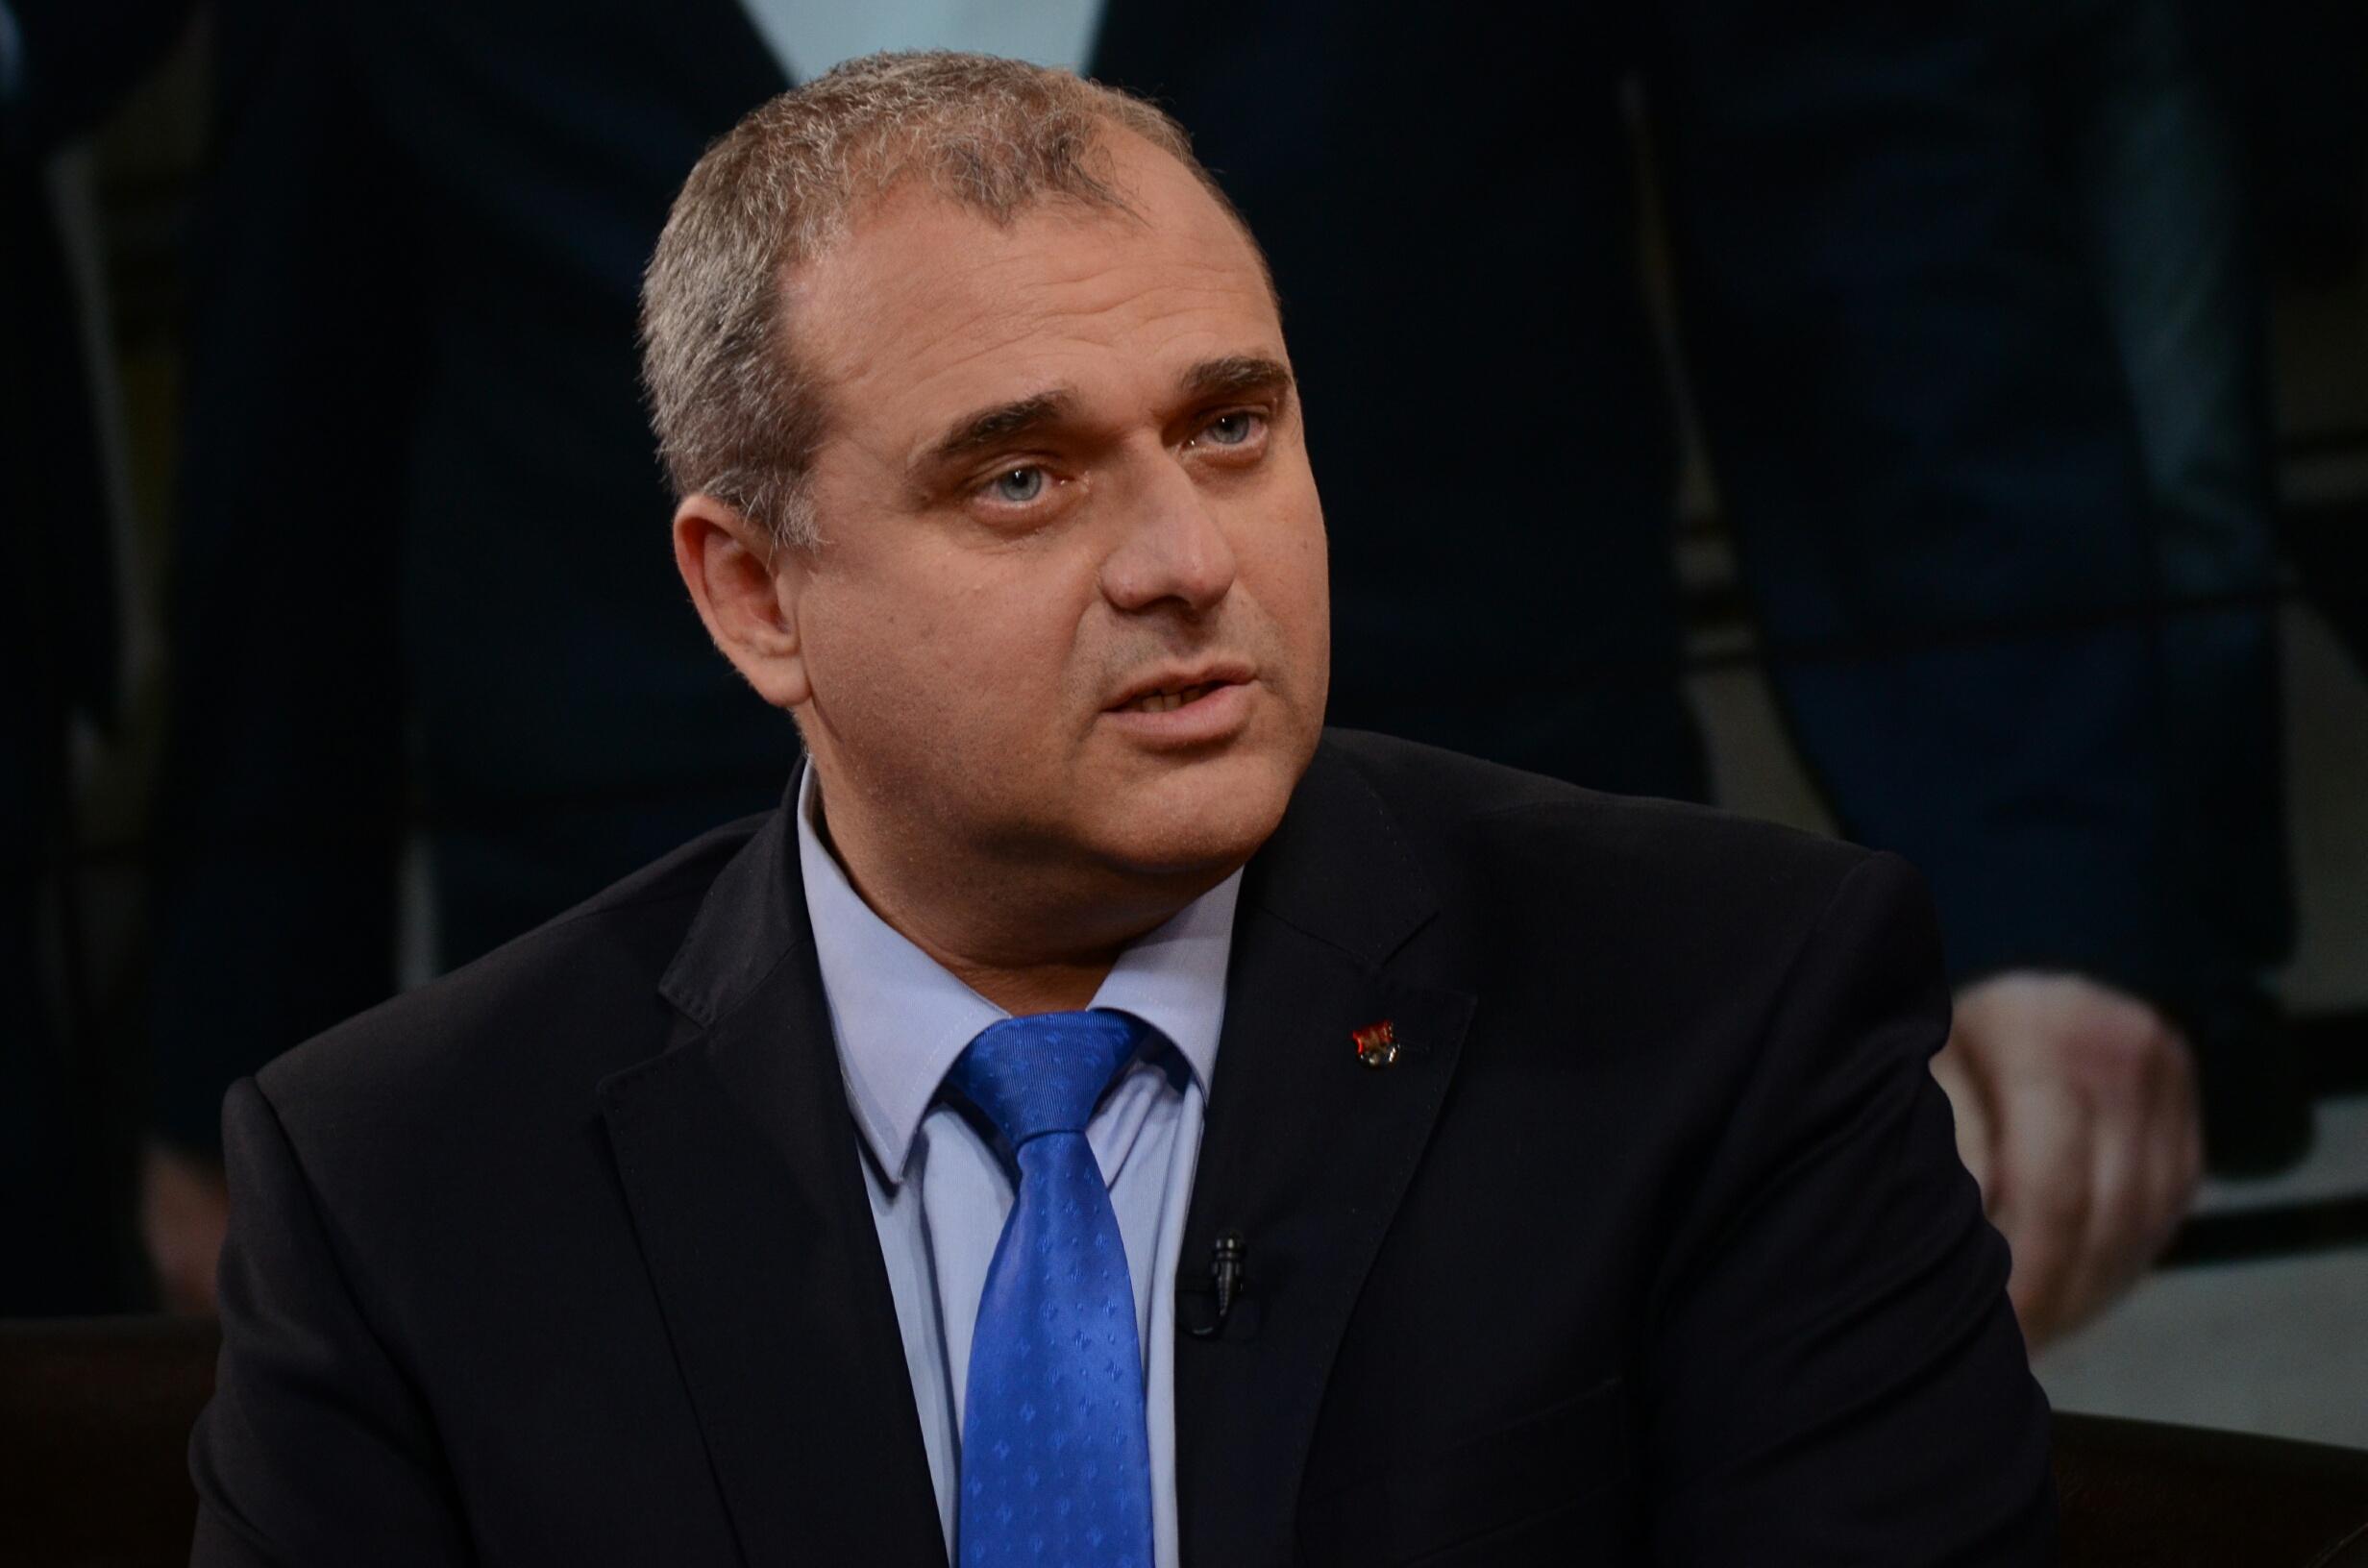 ВМРО: КОЛИТЕ С ГАЗОВИ УРЕДБИ ТРЯБВА ДА ПЛАЩАТ 50% ПО-НИСЪК ДАНЪК